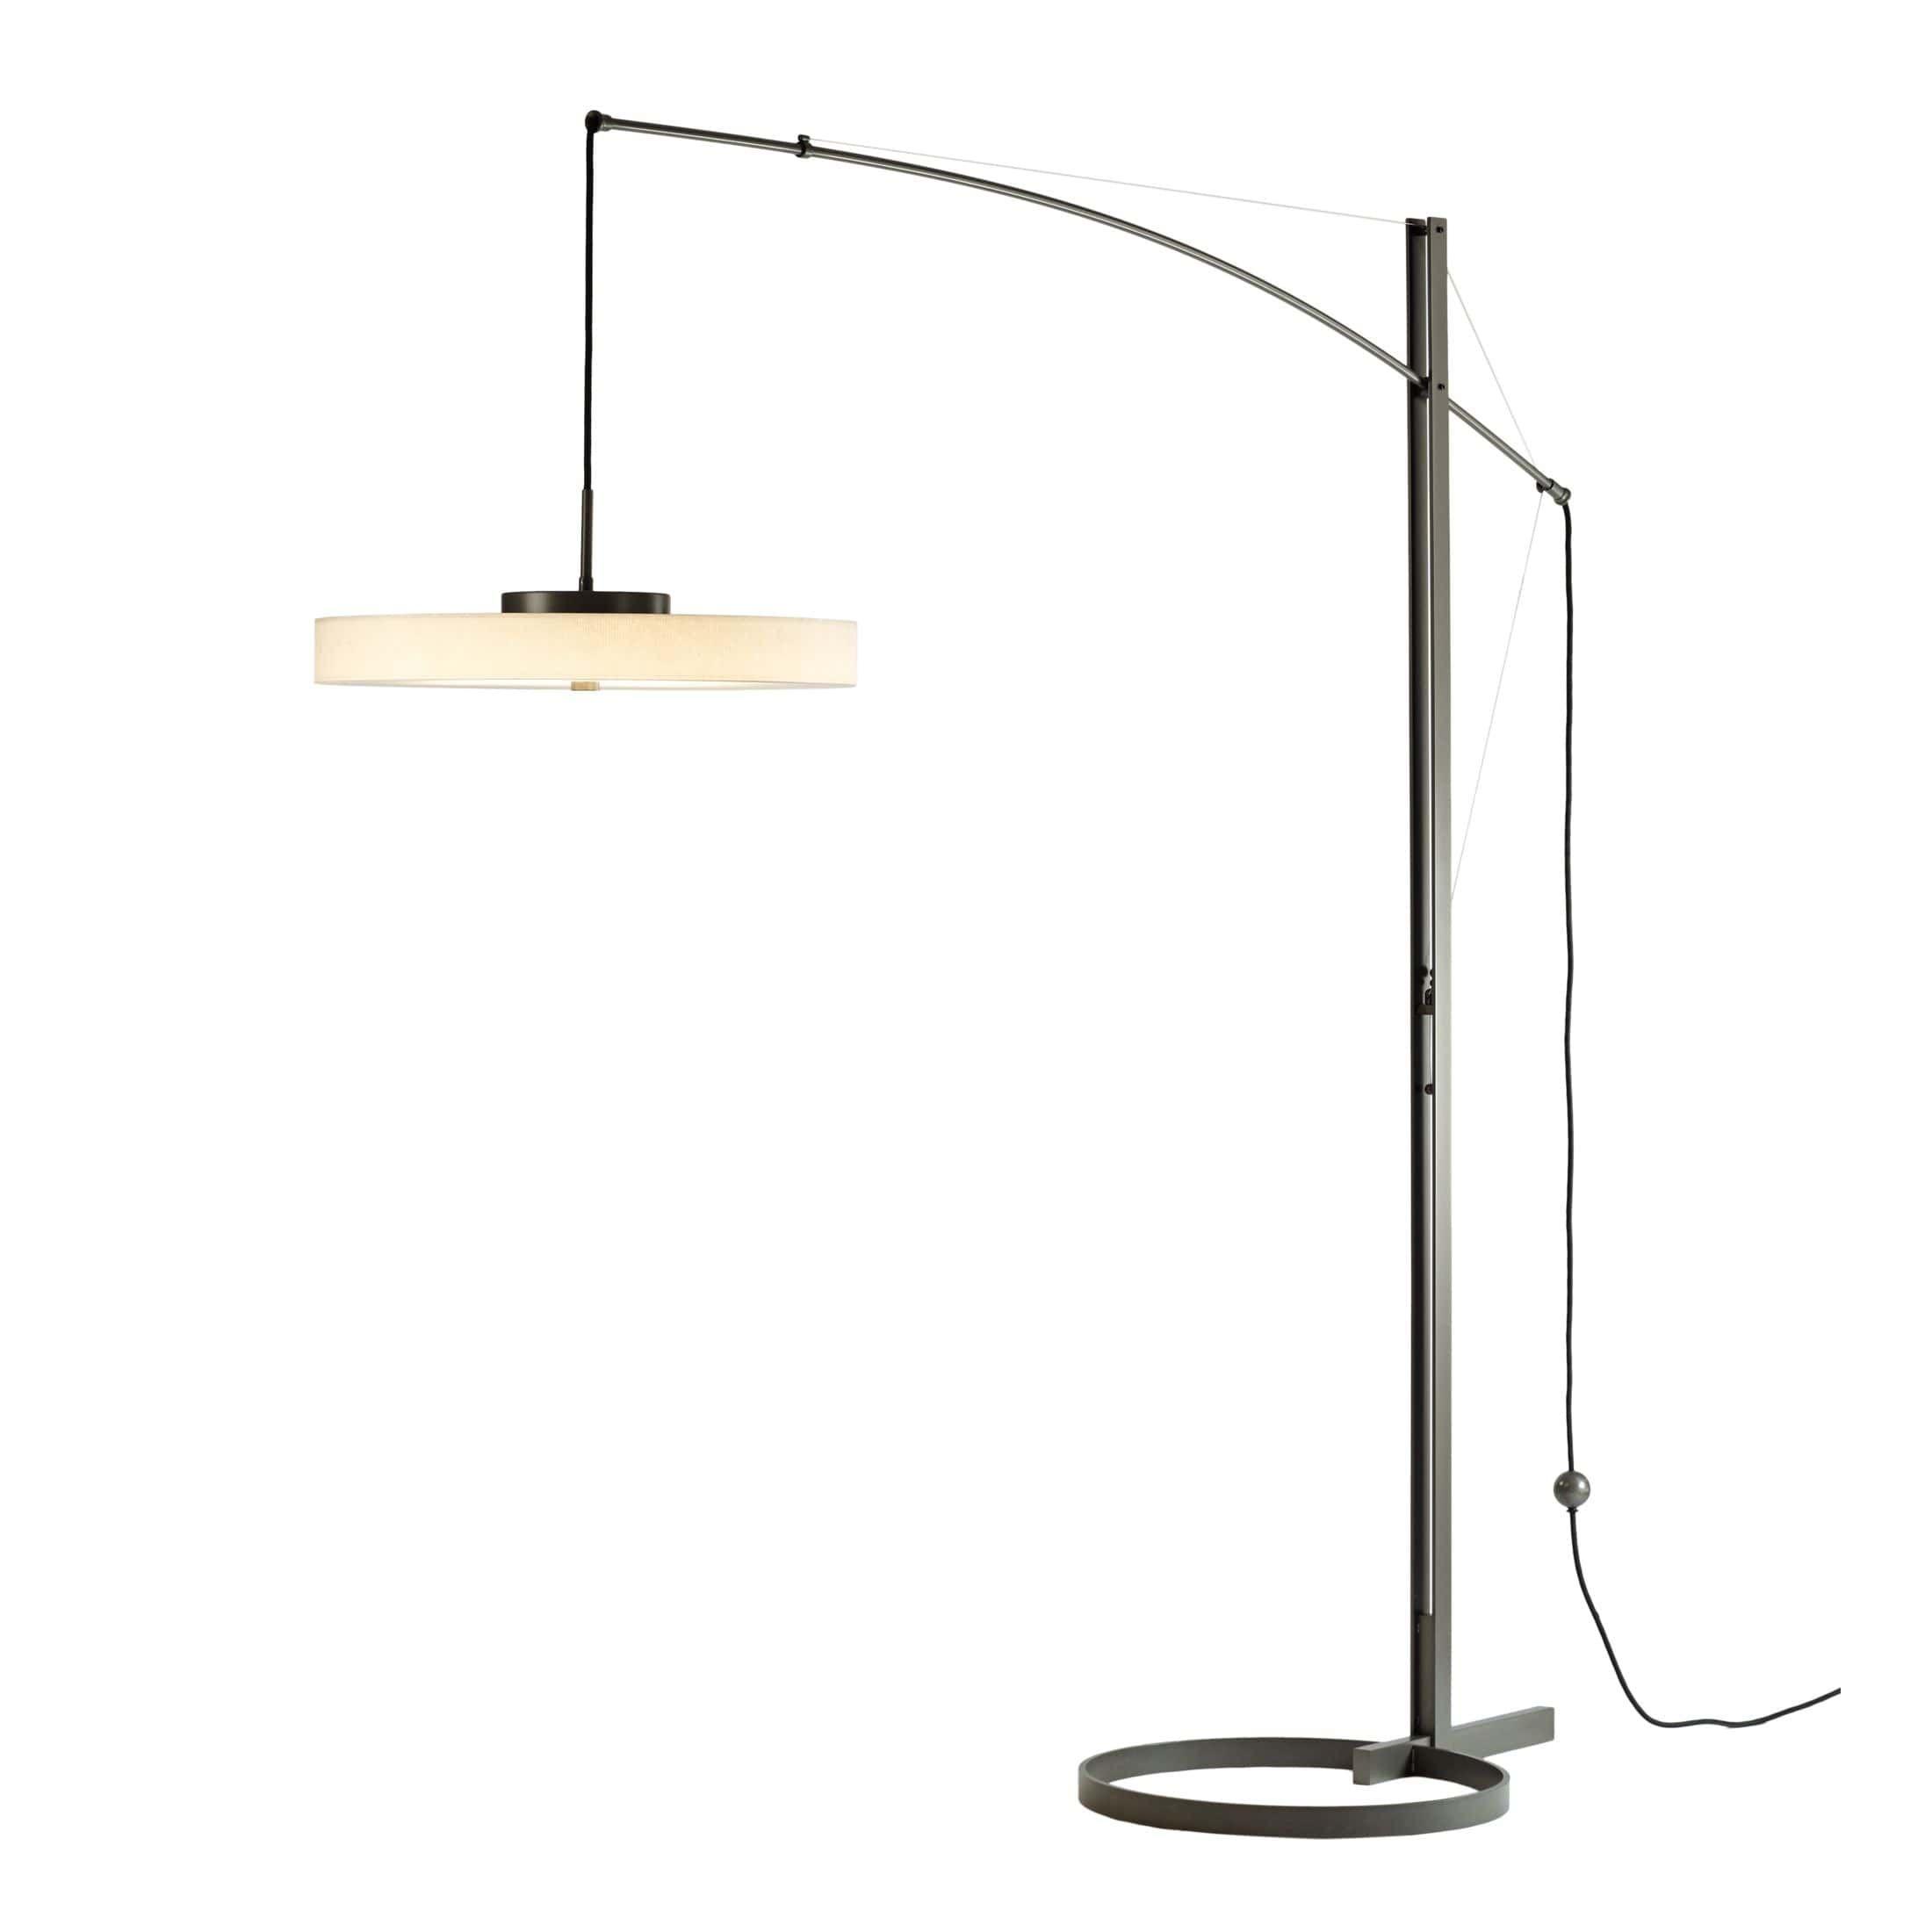 Image Result For Artemide Floor Lamp Arc Floor Lamp Lighting